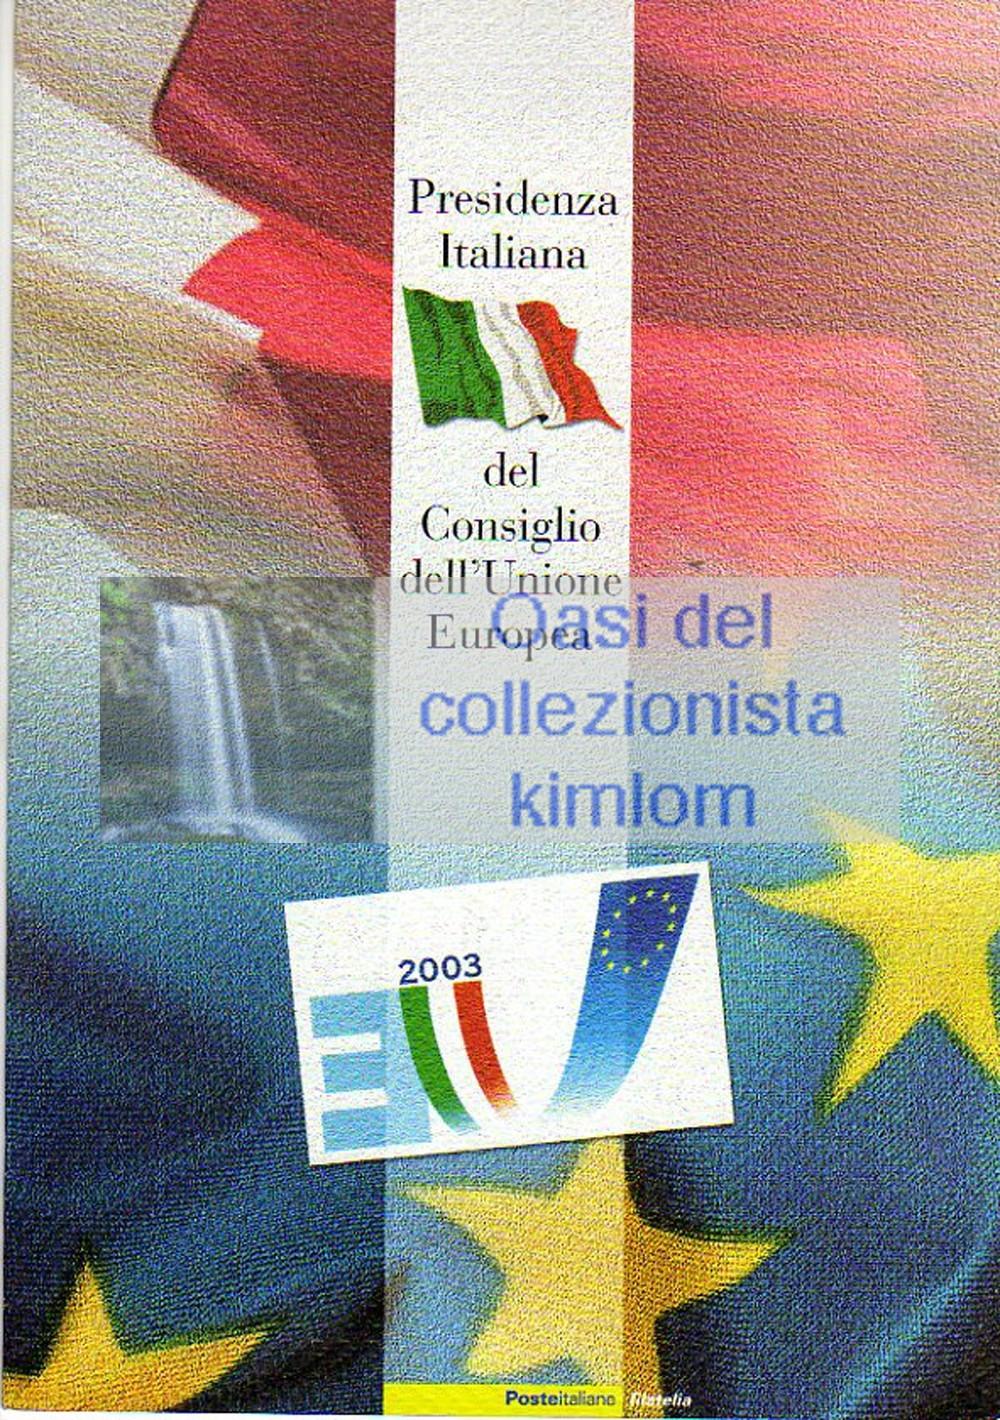 folder - Presidenza Italiana del Consiglio dell'Unione Europea